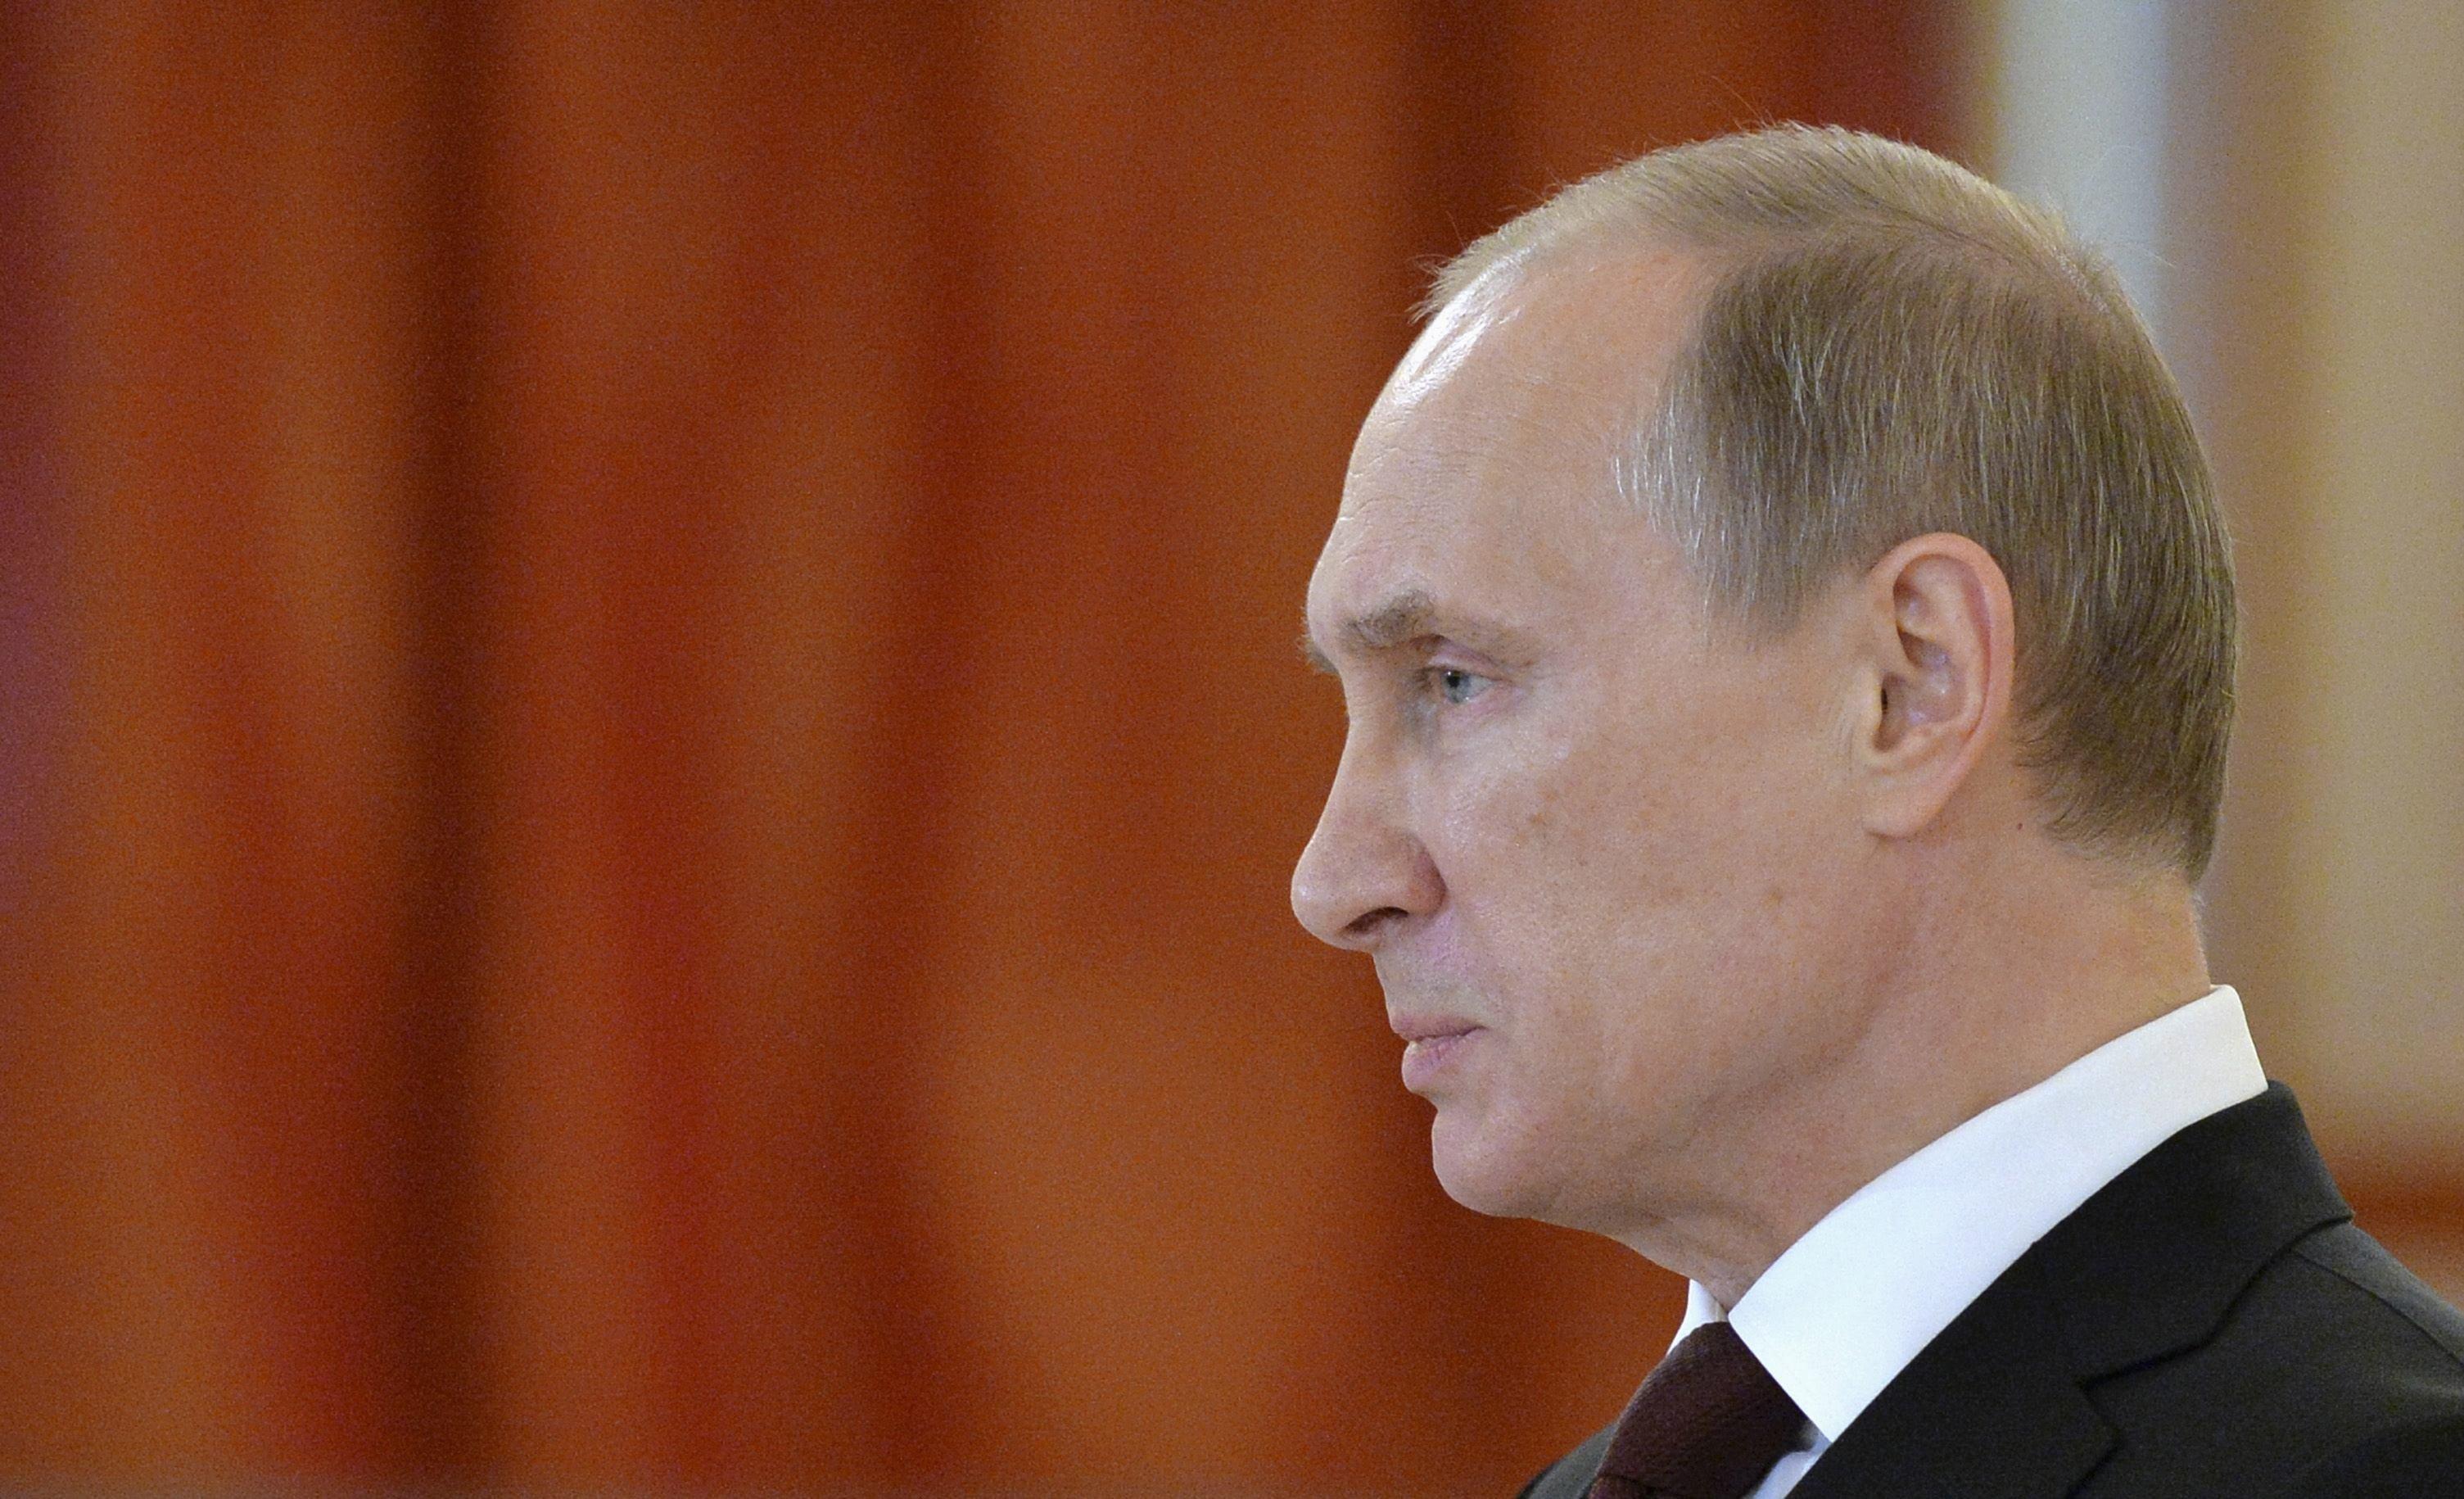 Журналист нашел дочь Путина (фото/видео)